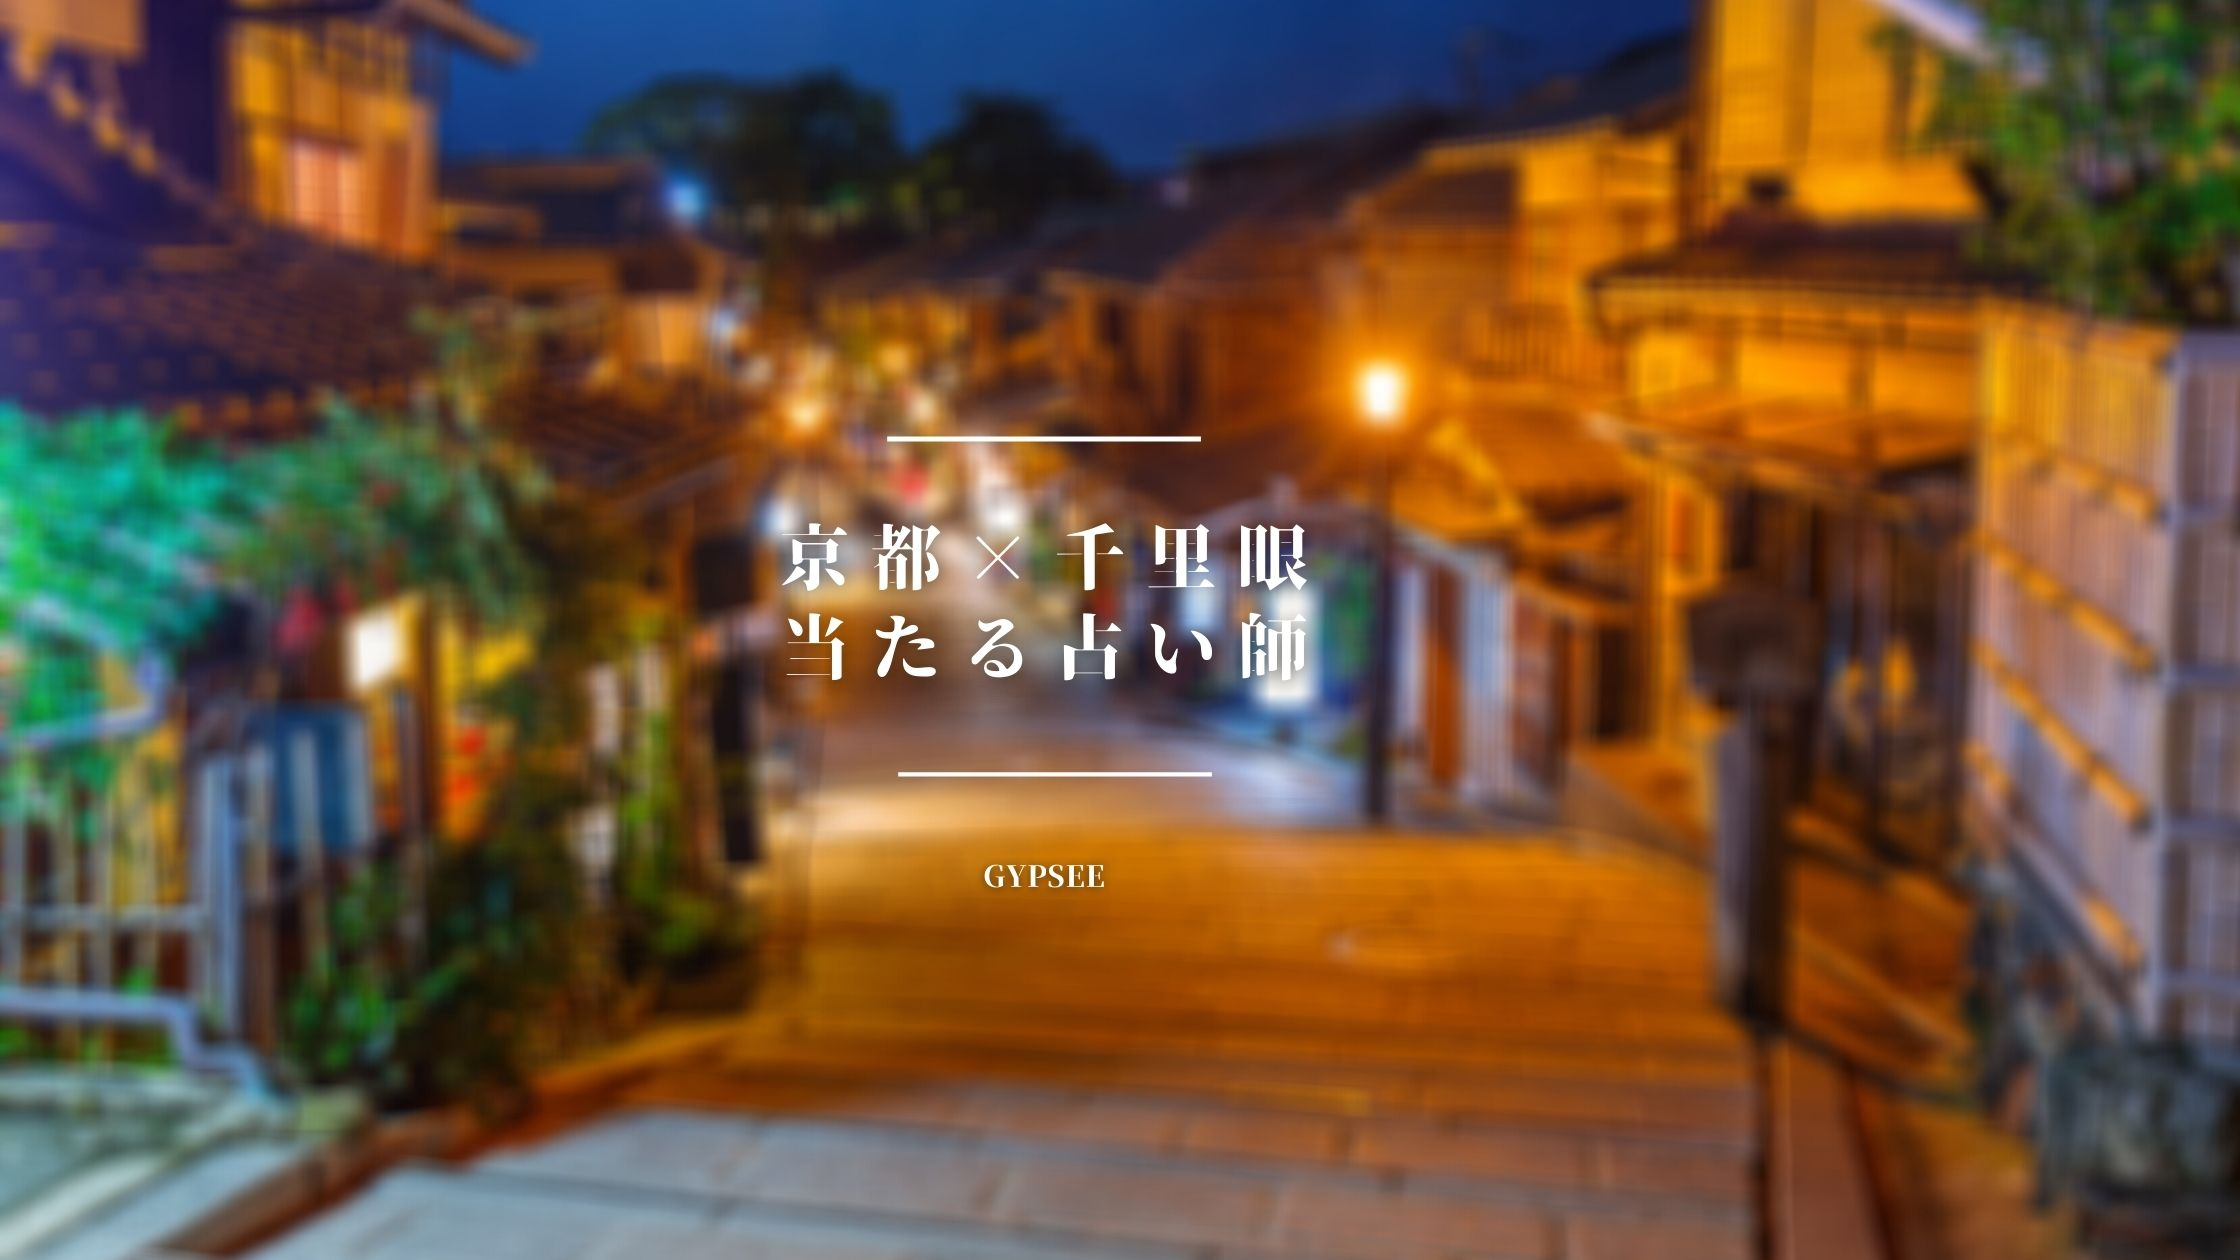 京都占いの館千里眼で当たる占い師を口コミ!人気・おすすめの先生